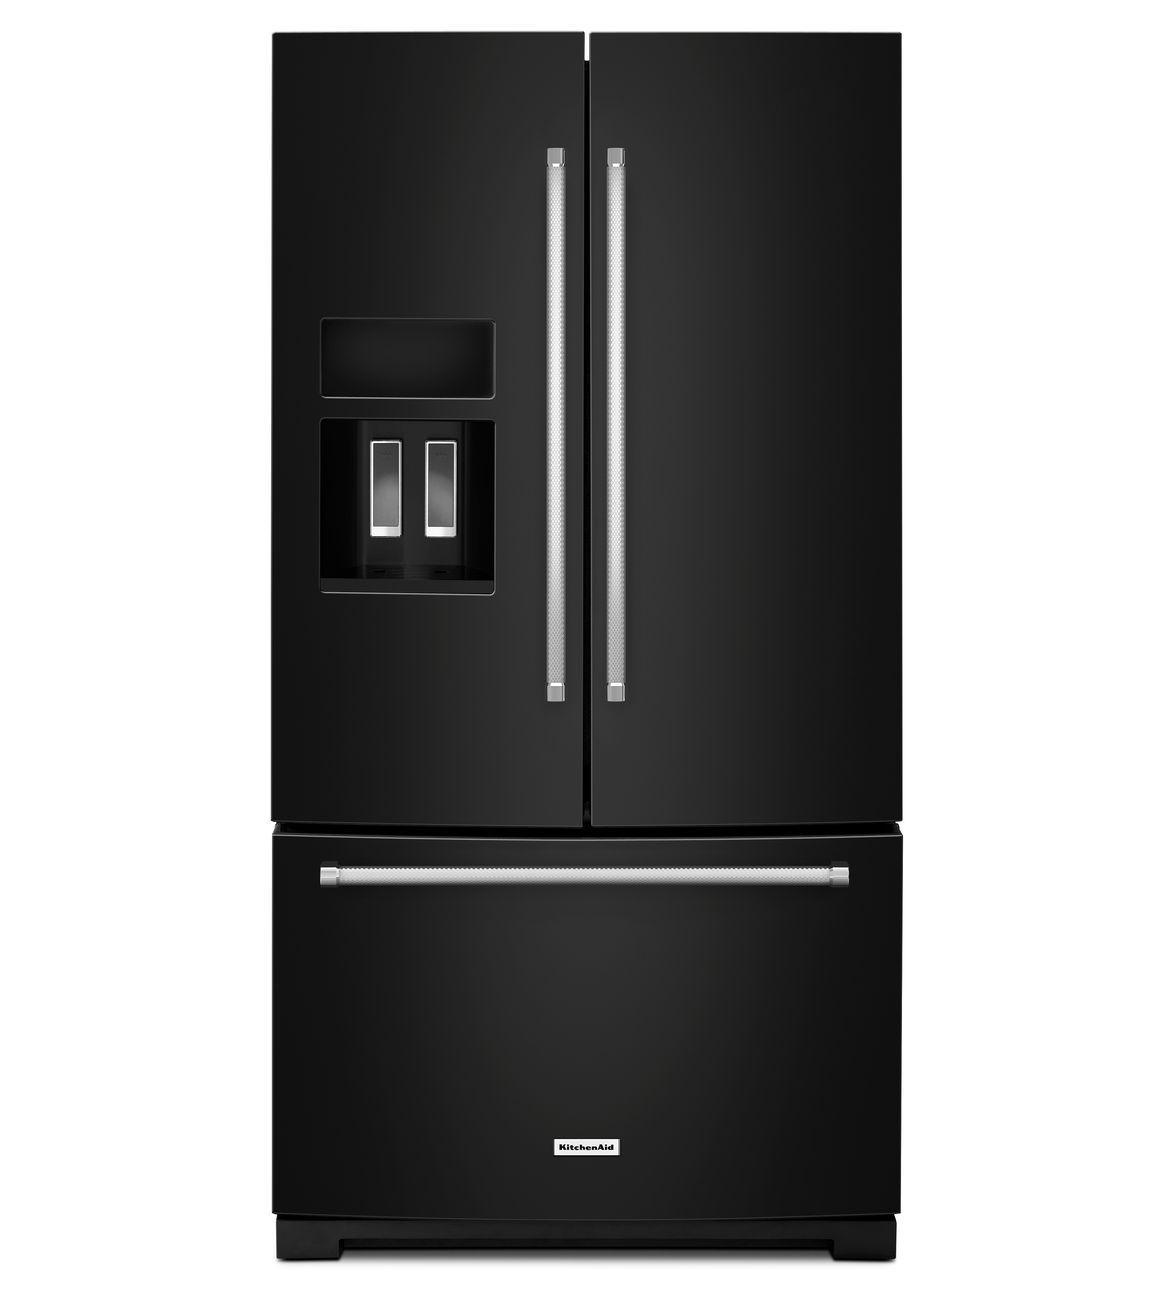 Kitchenaid Standard Depth Black French Door Refrigerator 268 Cuft